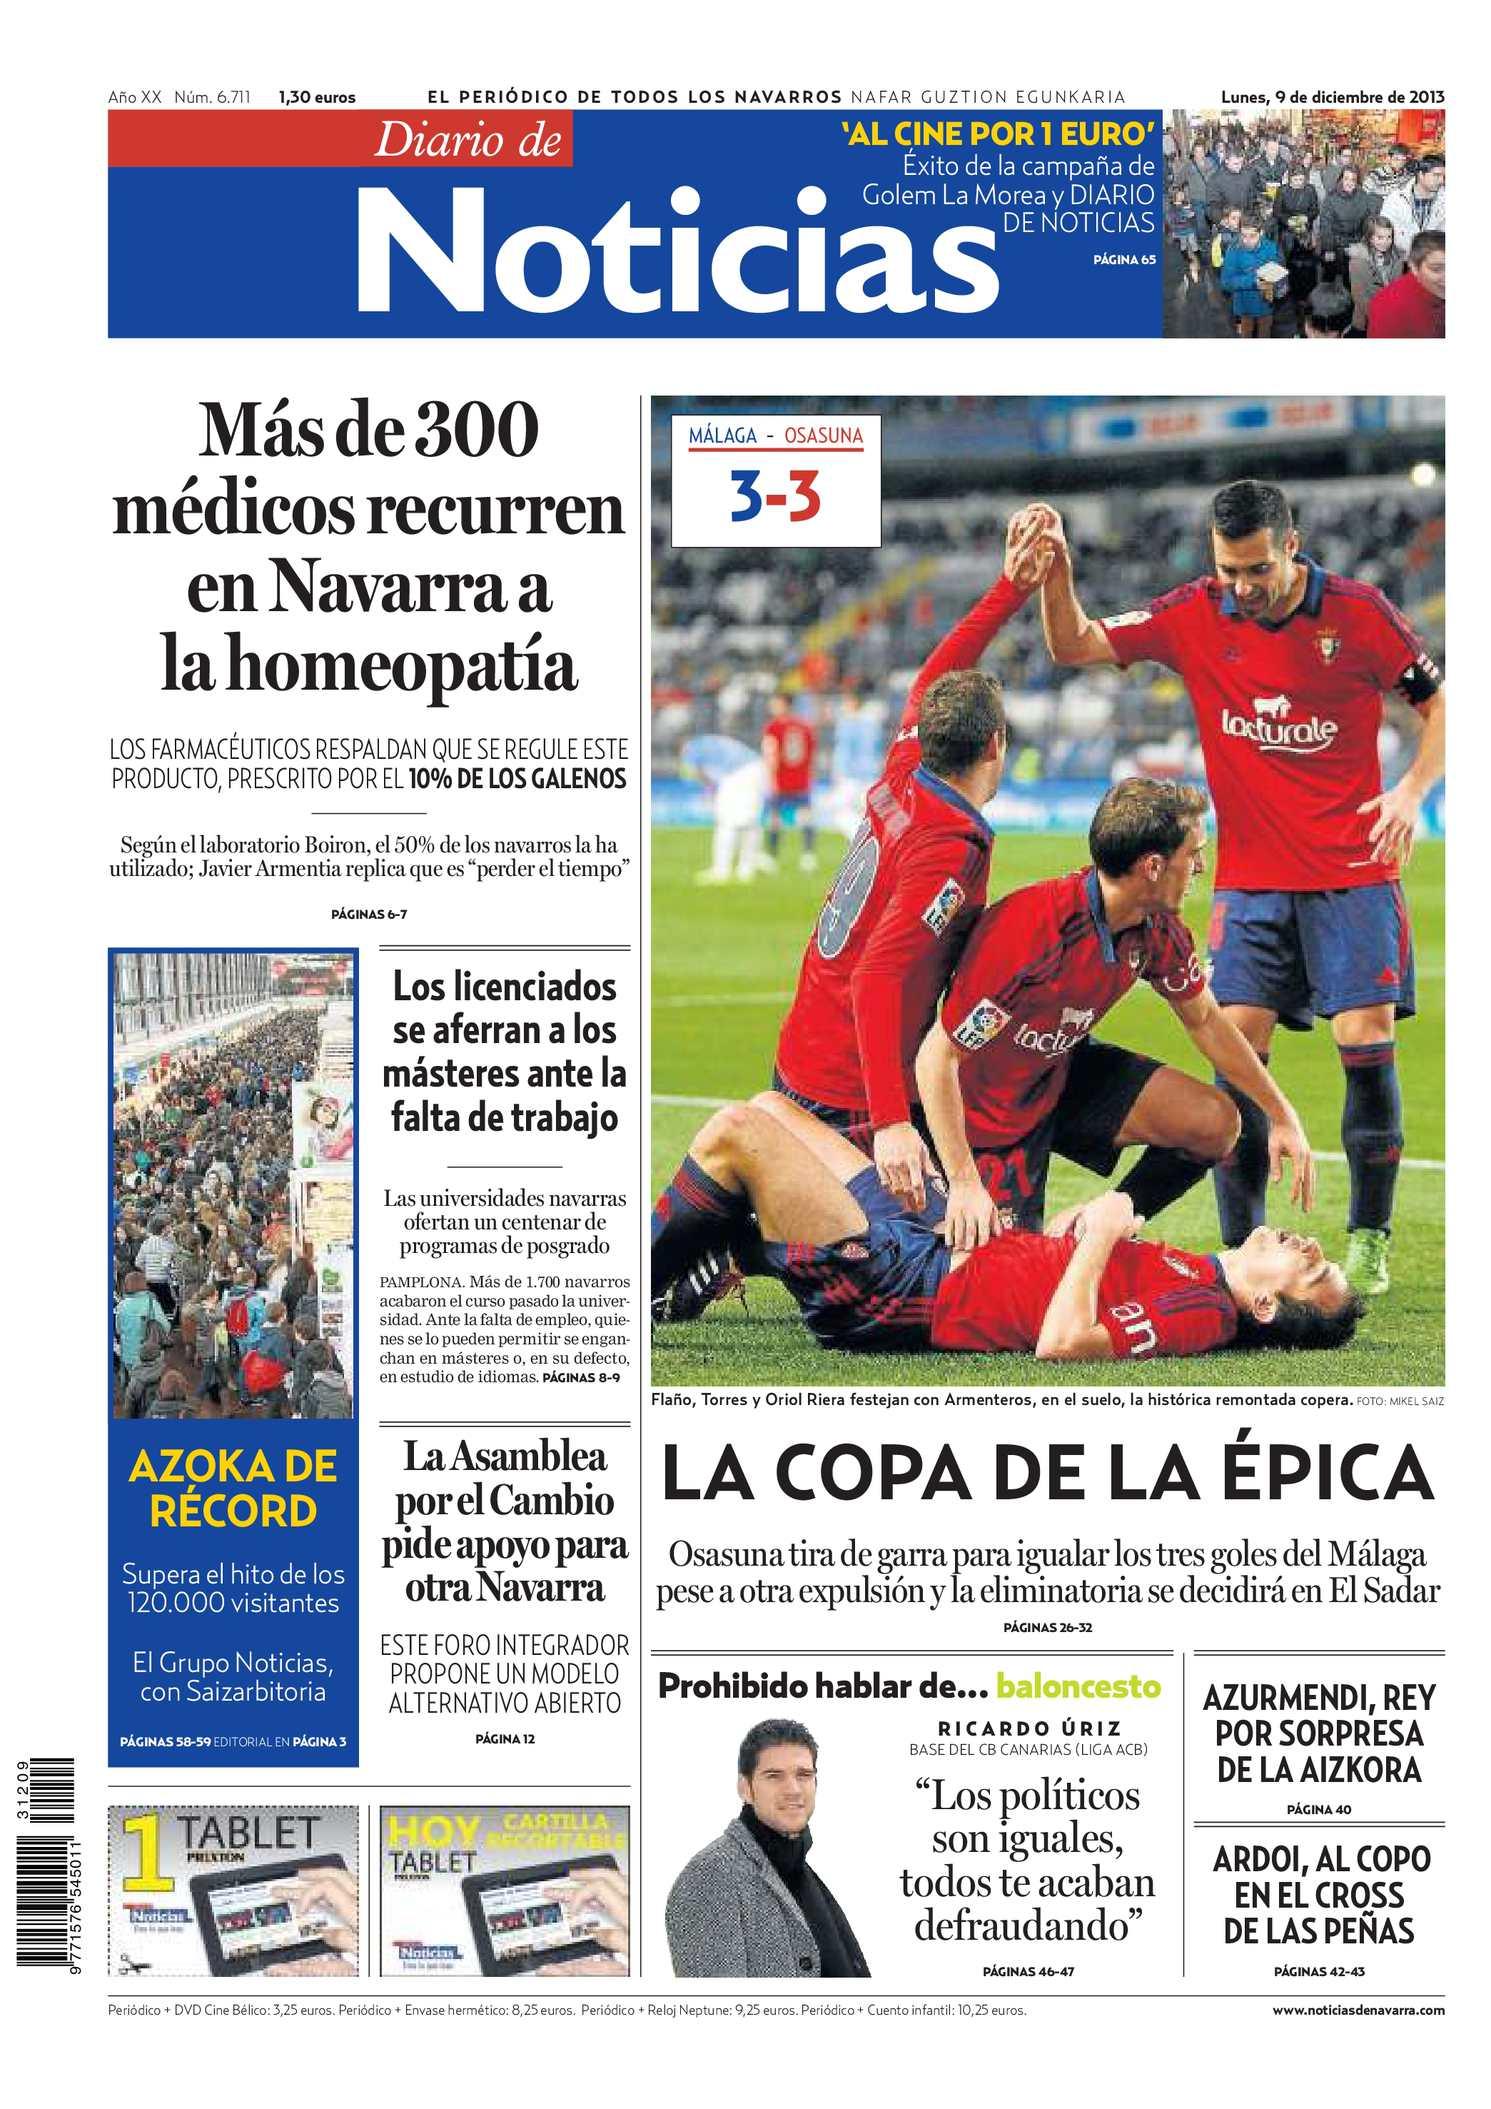 Calaméo - Diario de Noticias 20131209